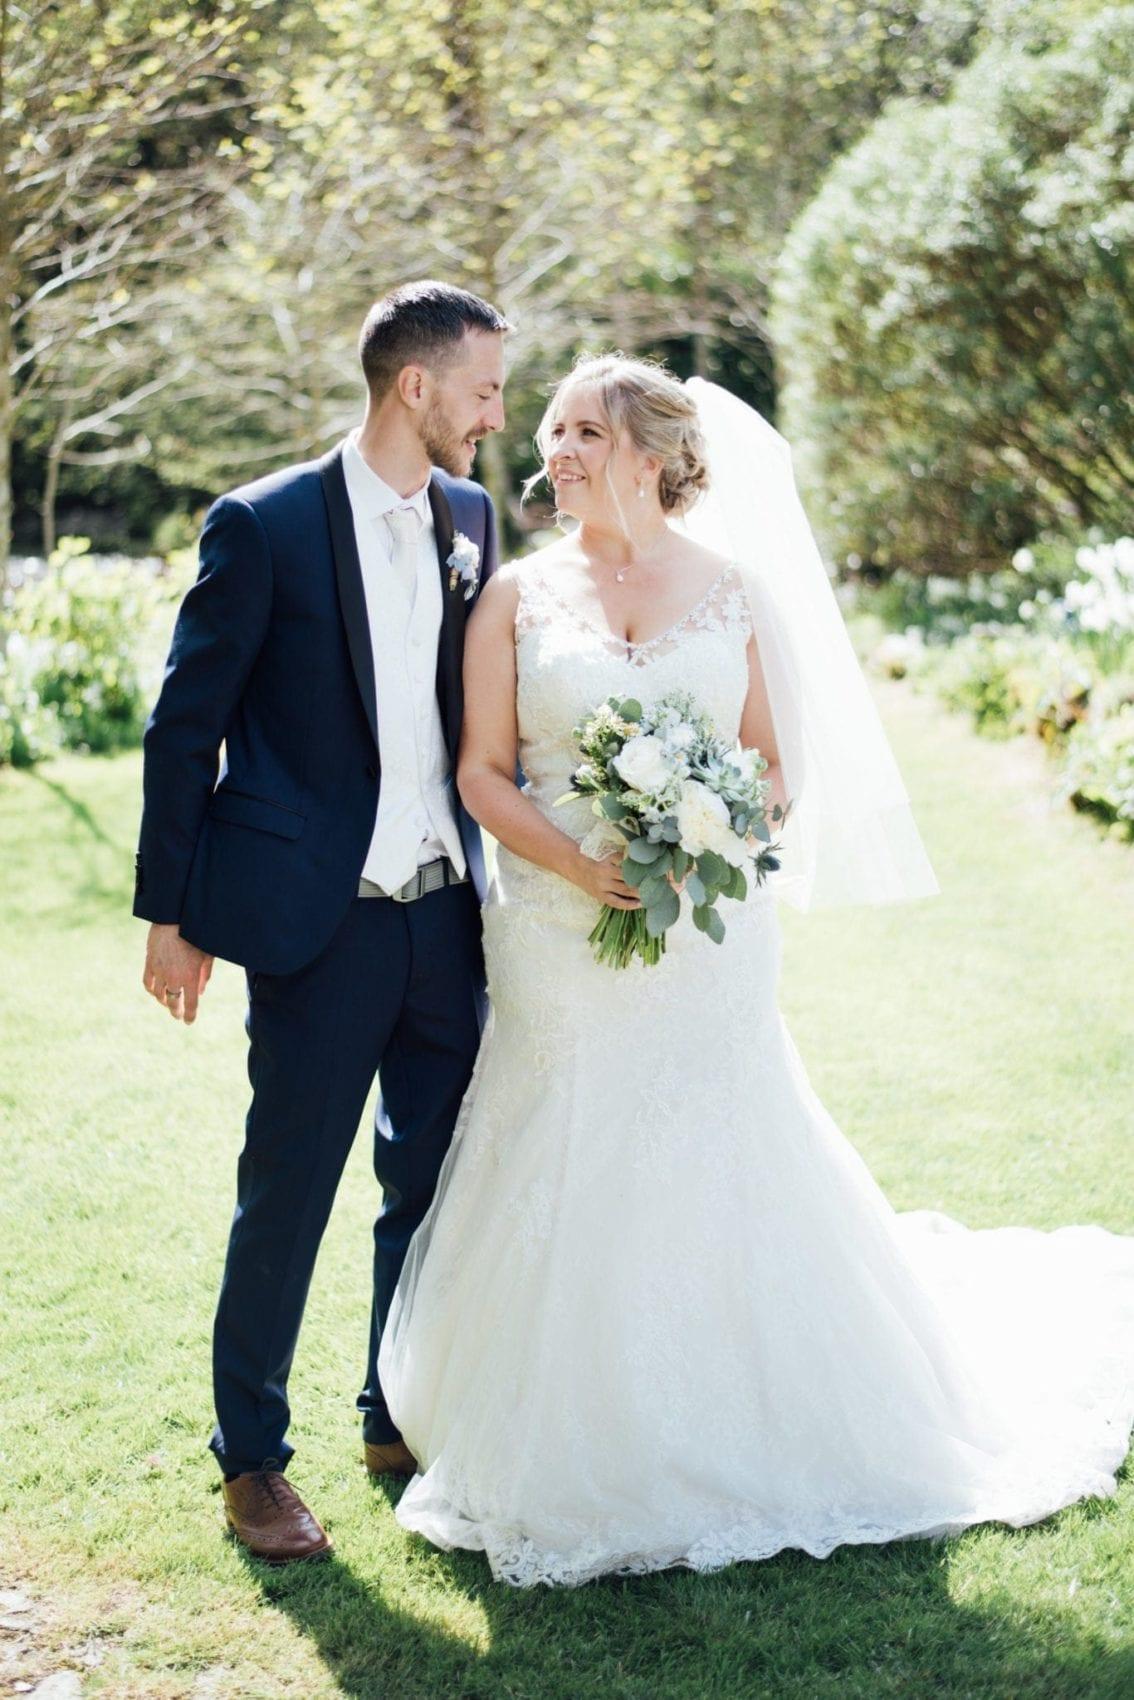 Steph and Chris wedding